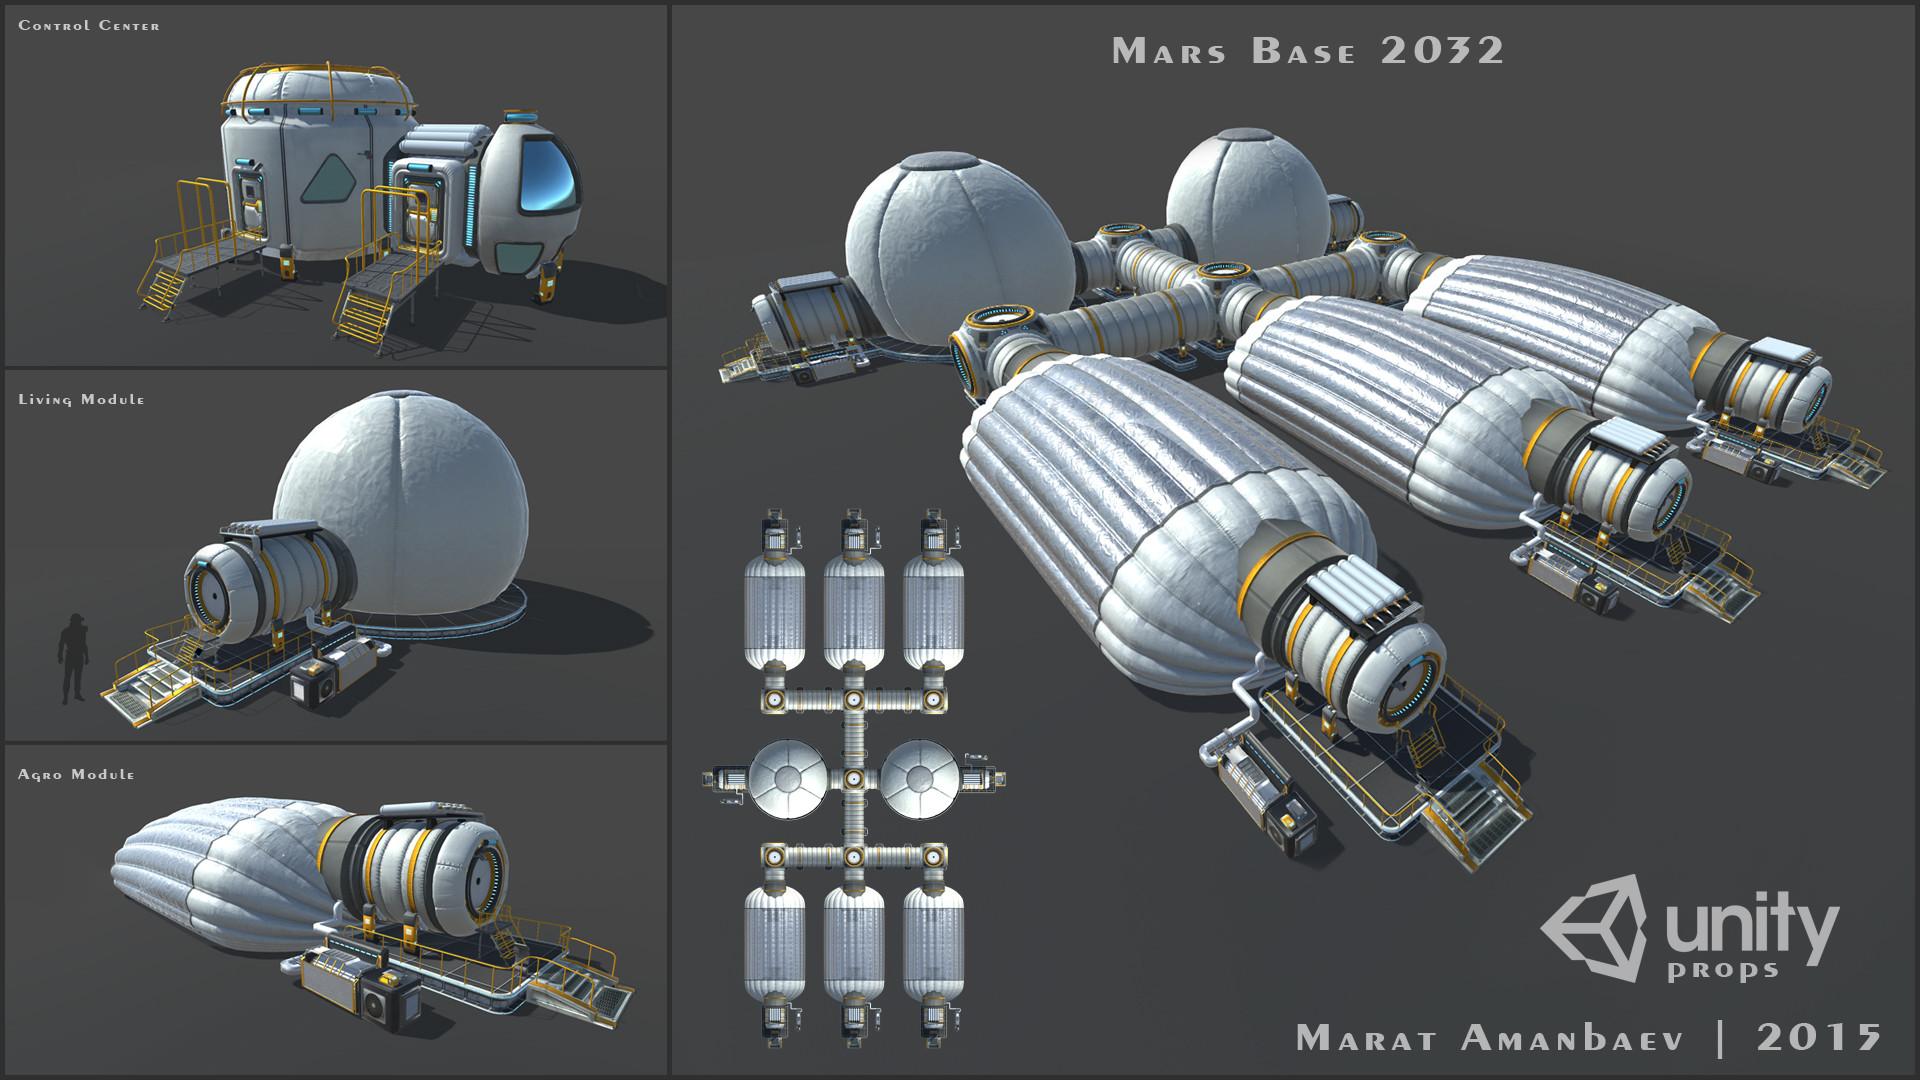 marat-amanbaev-mars-base.jpg?1469273500